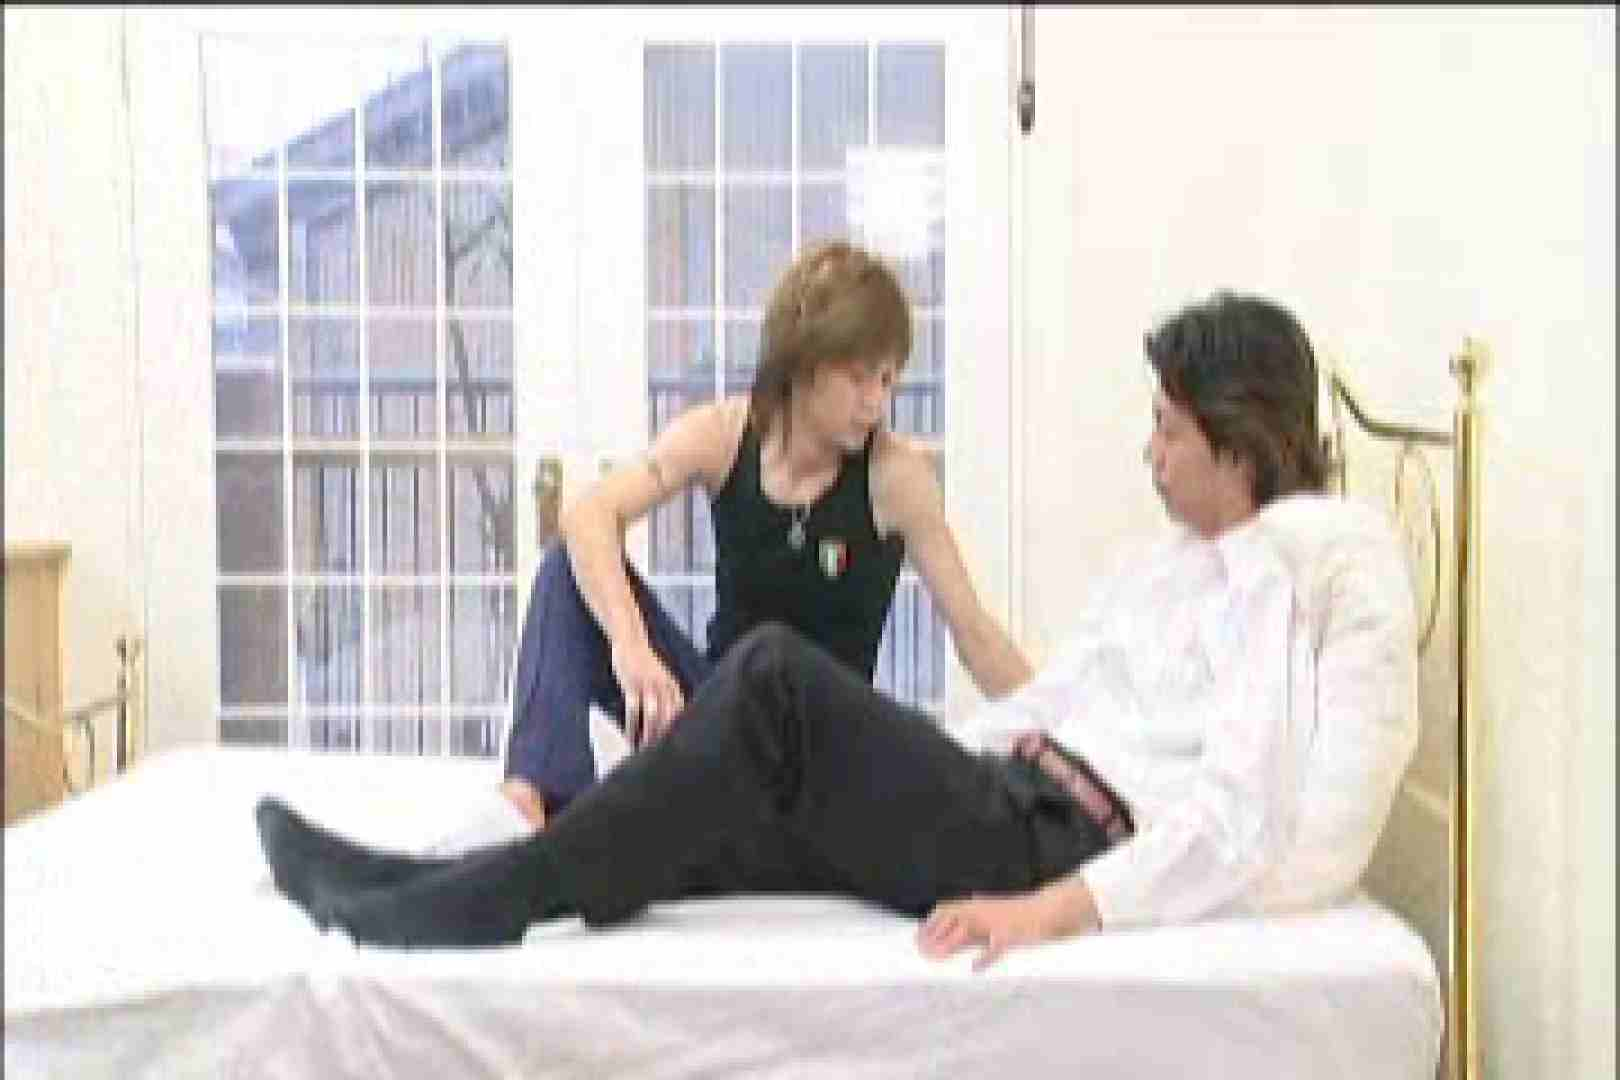 イケメン☆パラダイス〜男ざかりの君たちへ〜vol.40 お手で! 男同士動画 80pic 42